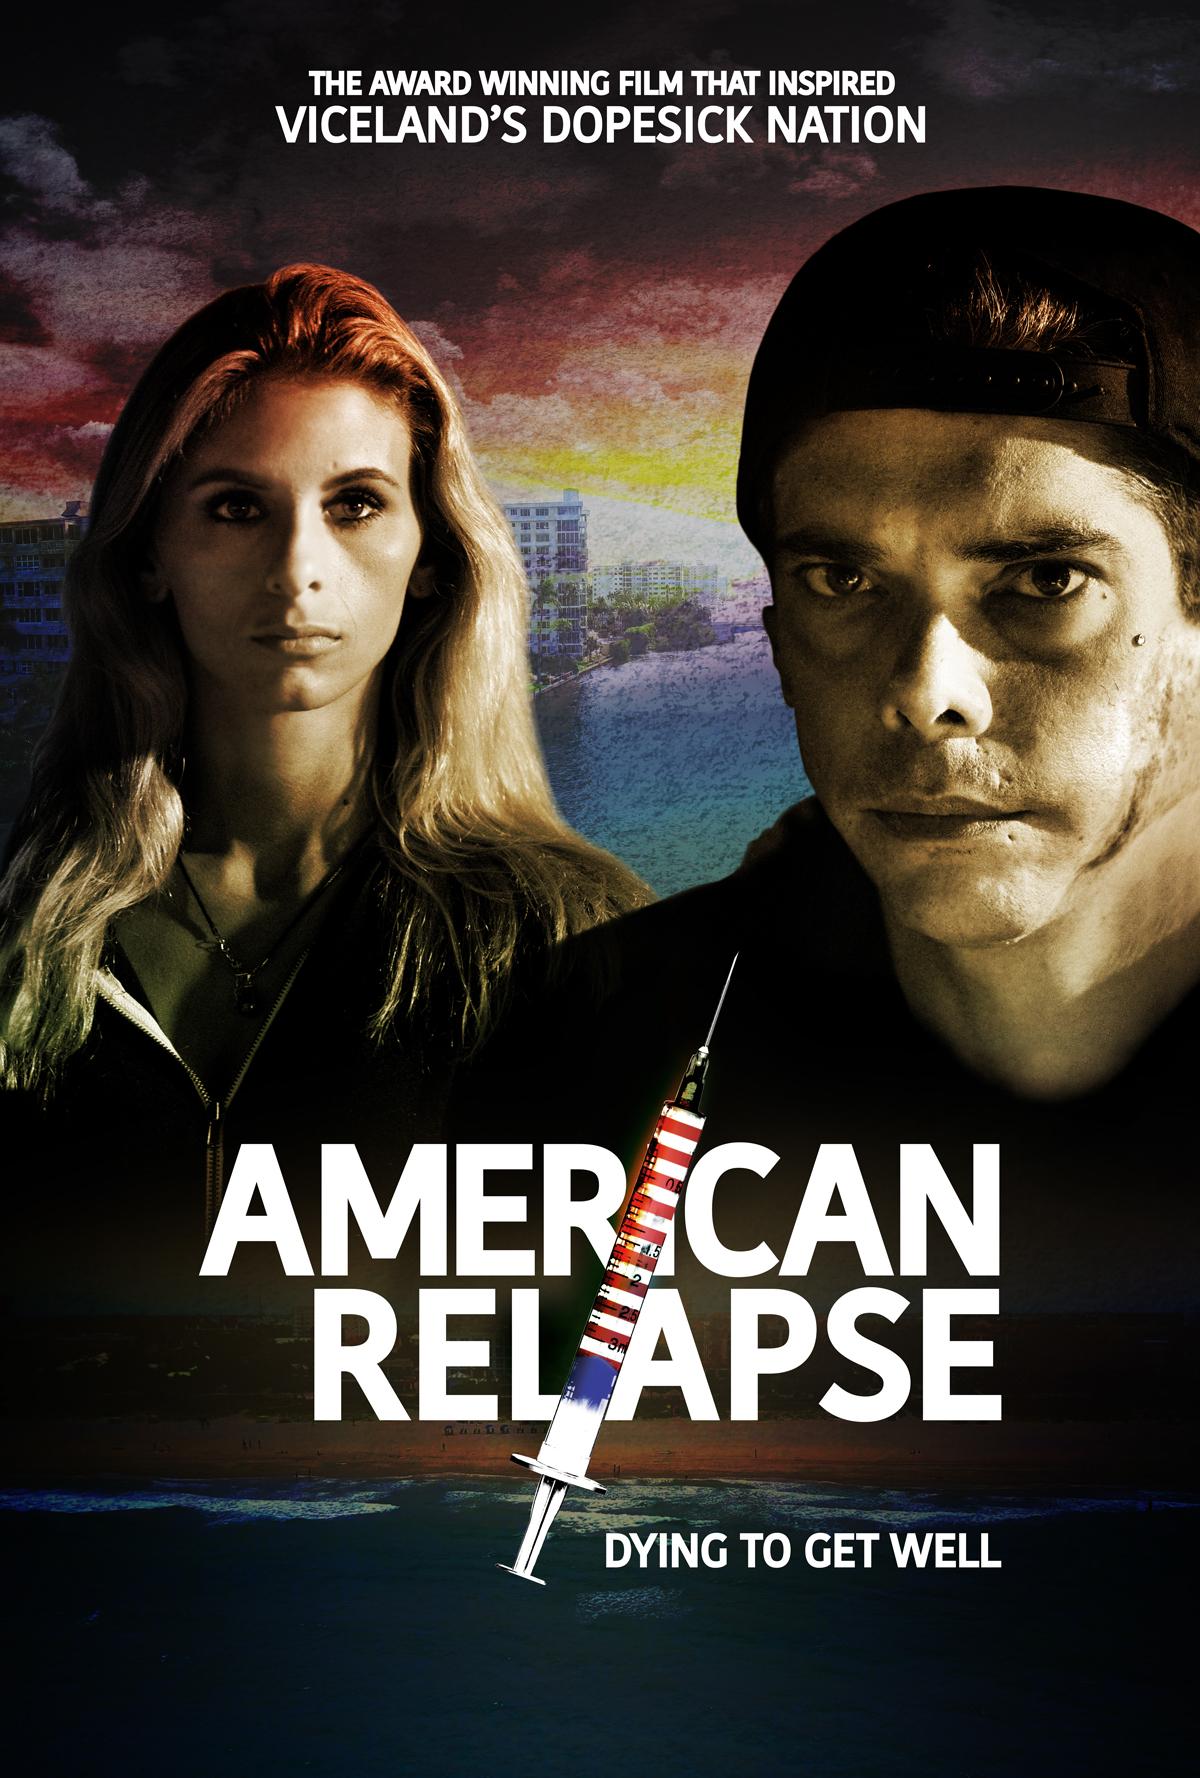 American-Relapse_Poster-Layered_v1.jpg